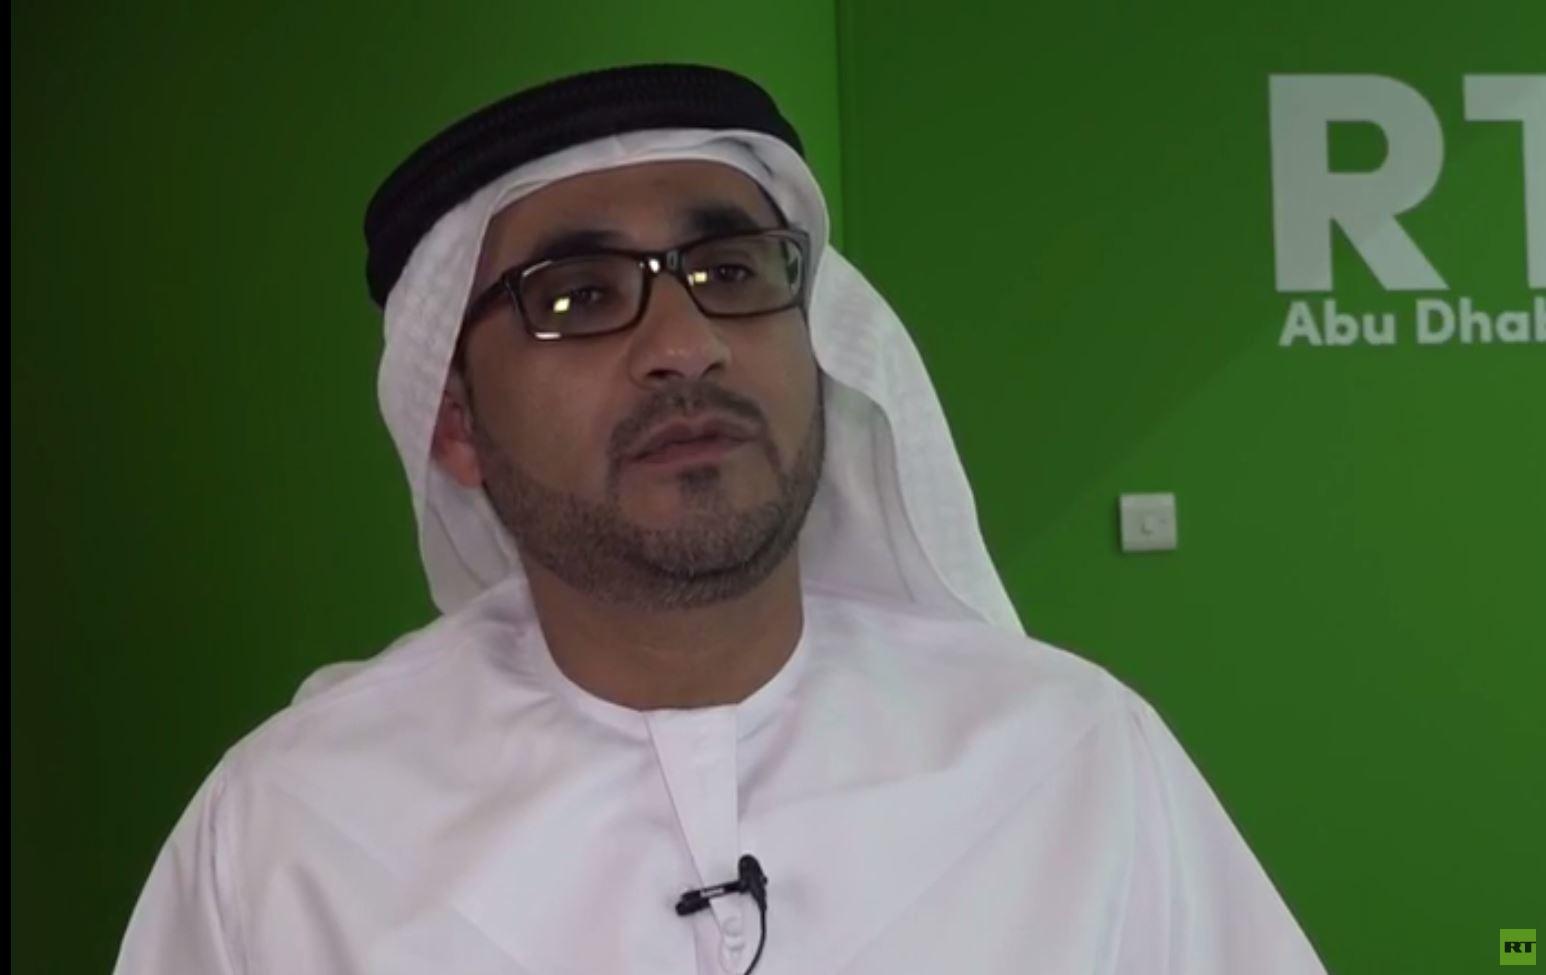 مسؤول إماراتي لـ RT: قطر تتراجع أمام المحاكم الدولية